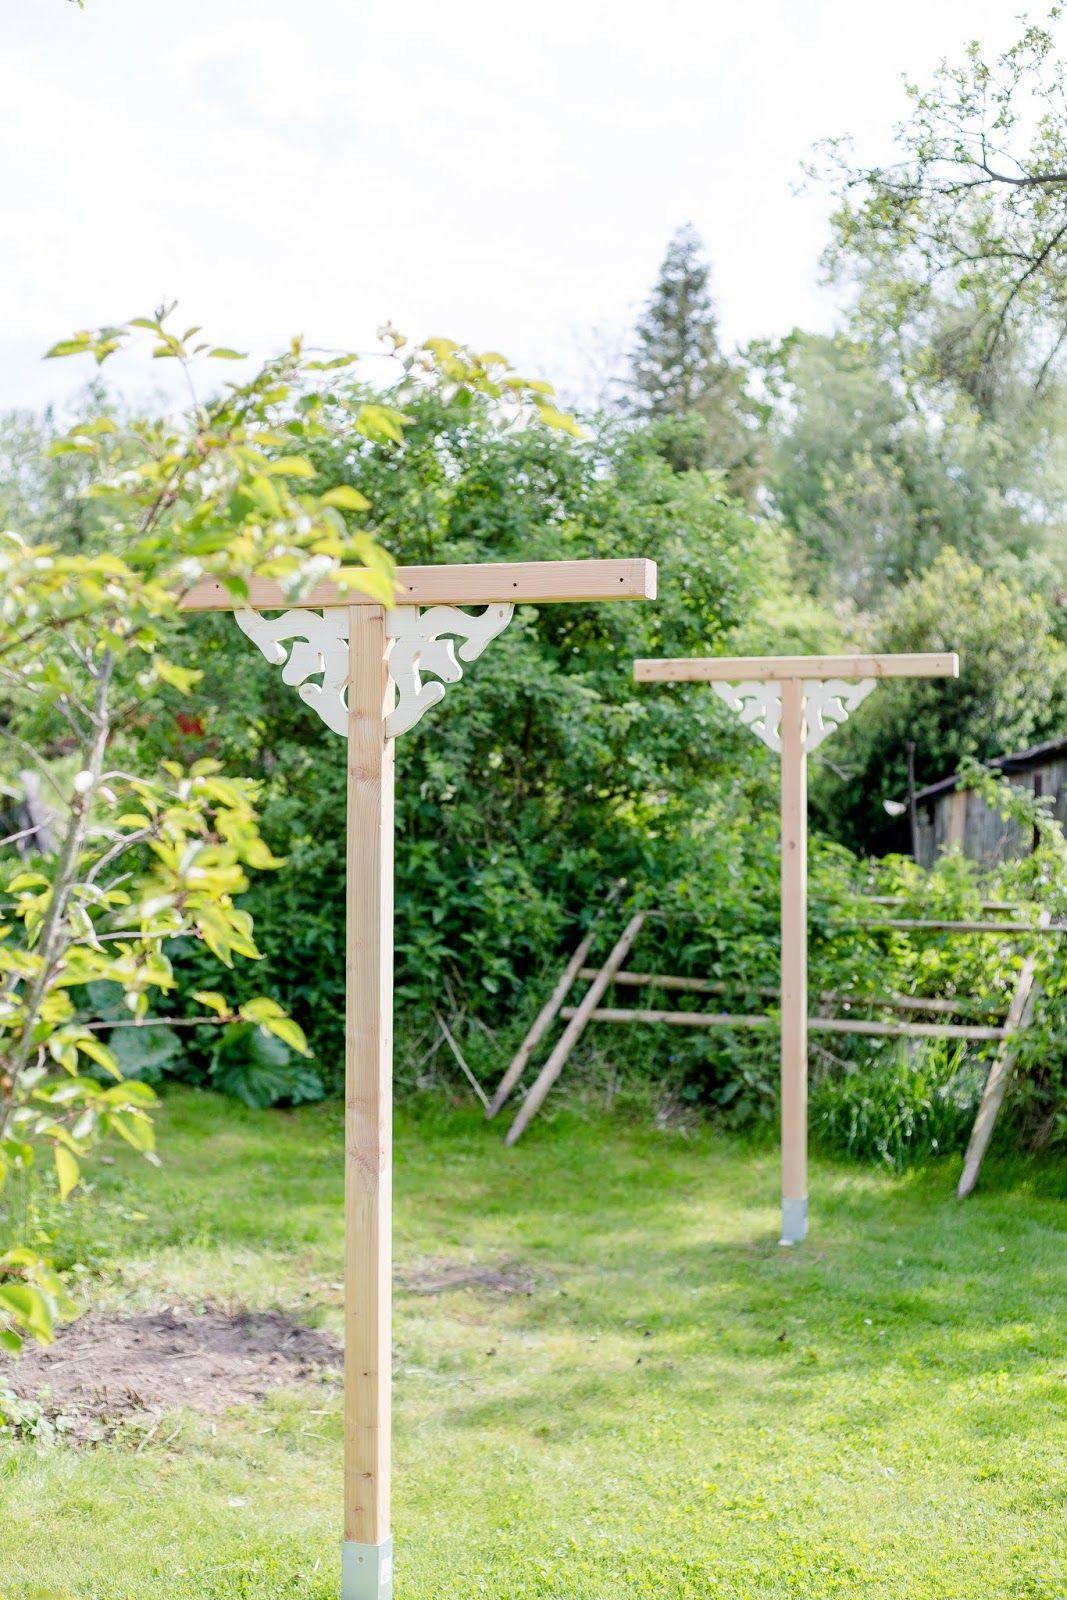 Nostalgische Wascheleine Aus Holz Selbstgemacht Pomponetti Wascheleine Gartengestaltung Garten